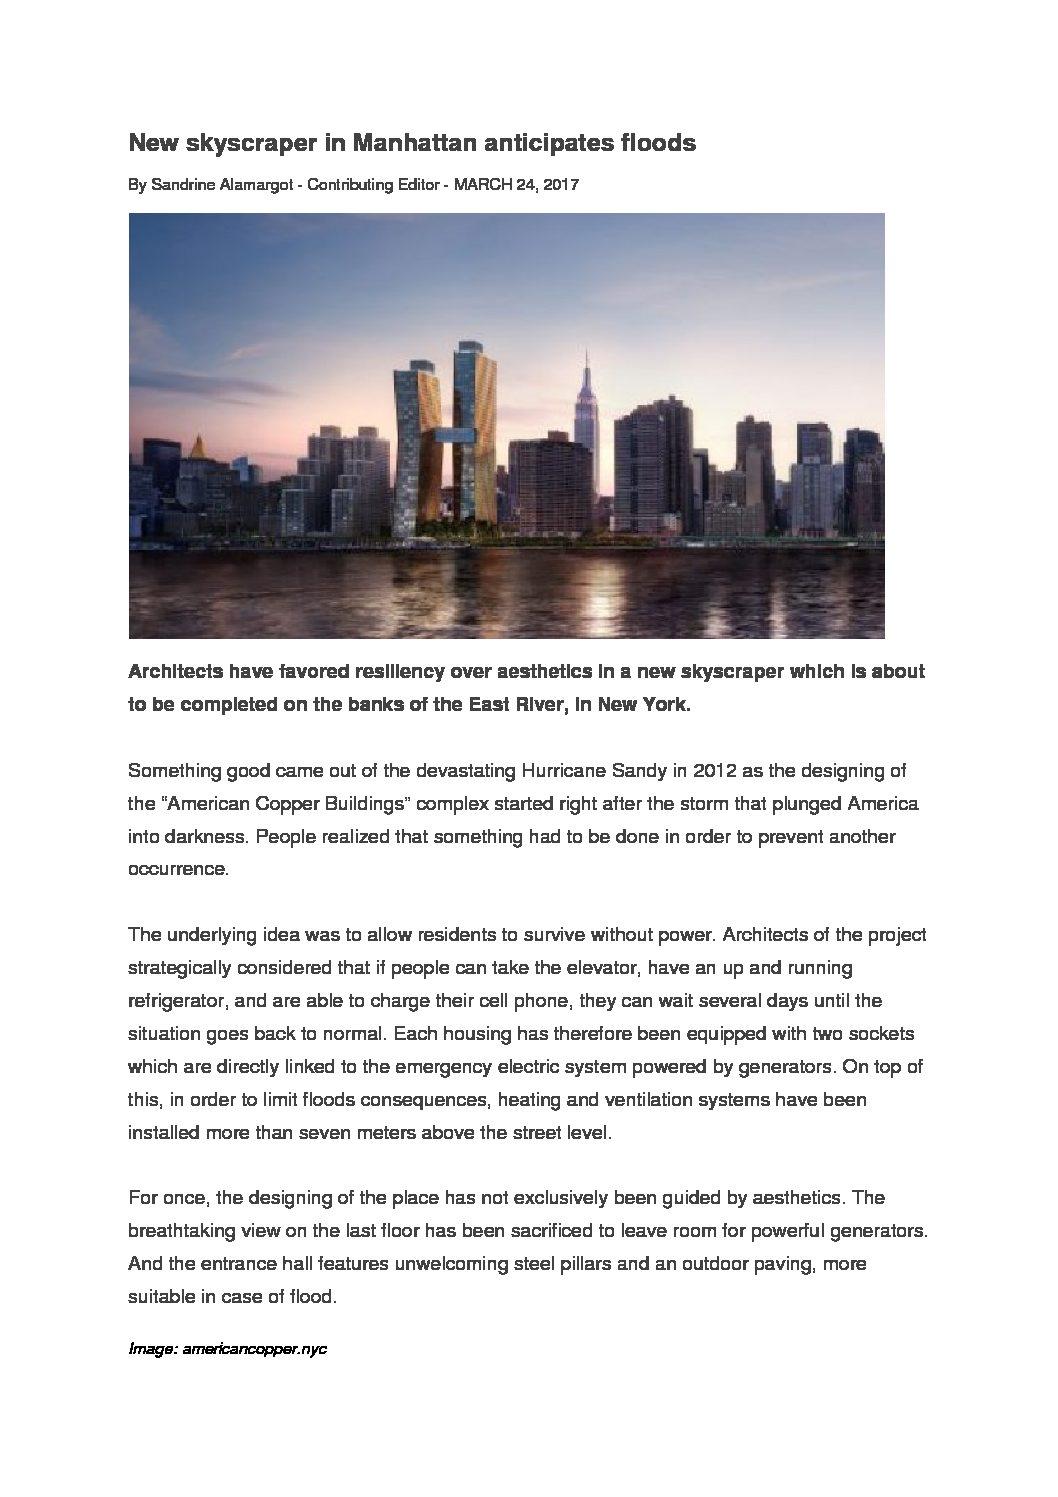 New skyscraper in Manhattan anticipates floods